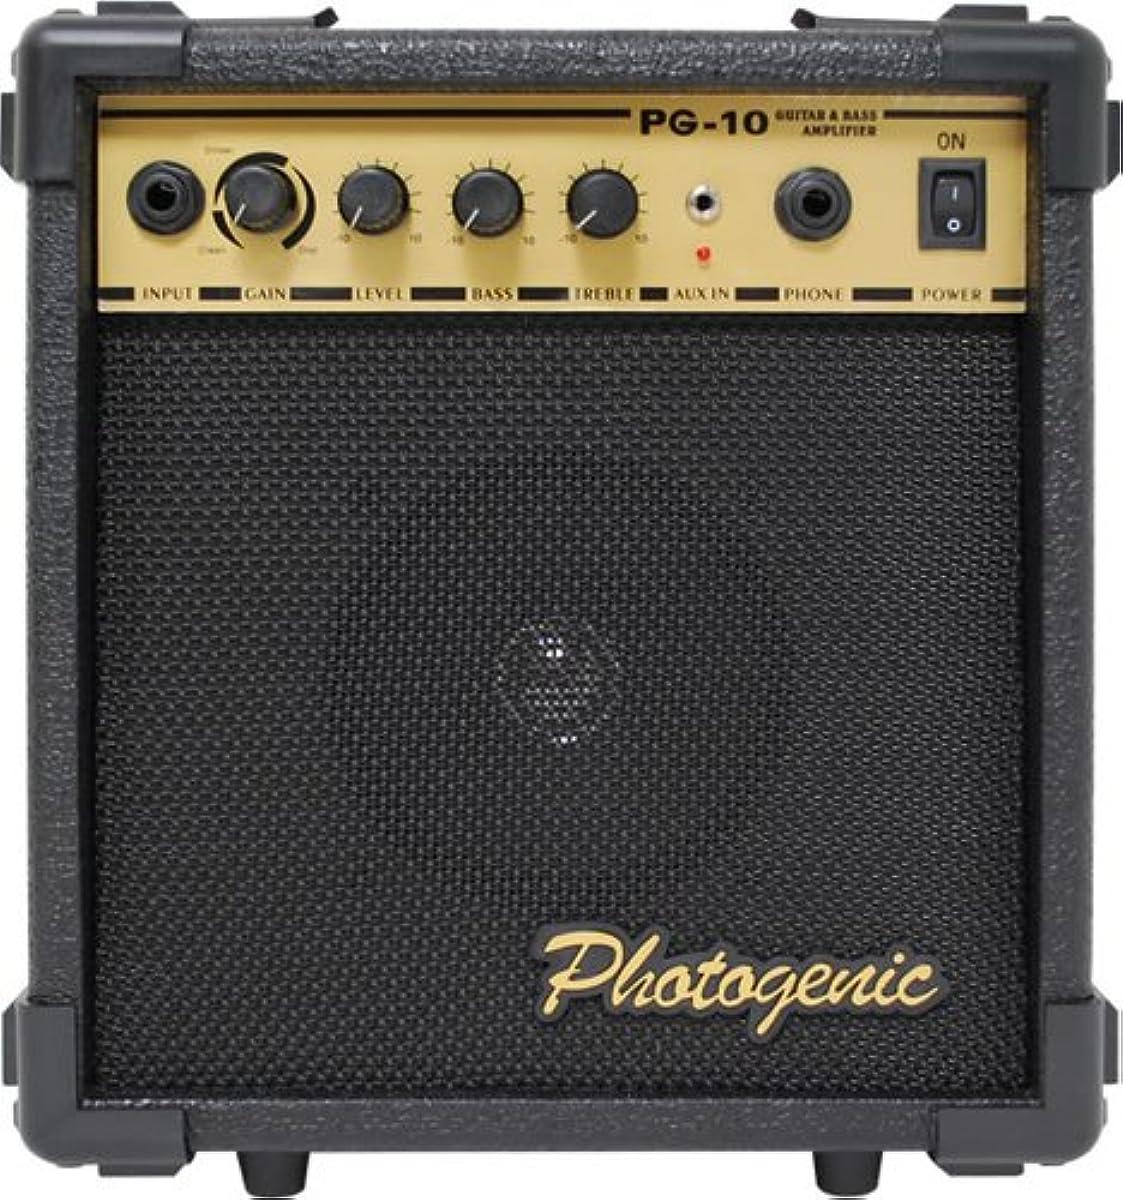 [해외] PHOTOGENIC 포토제닉 기타 베이스 겸용 앰프 오버 드라이어이브 기능 첨부 와 PG10